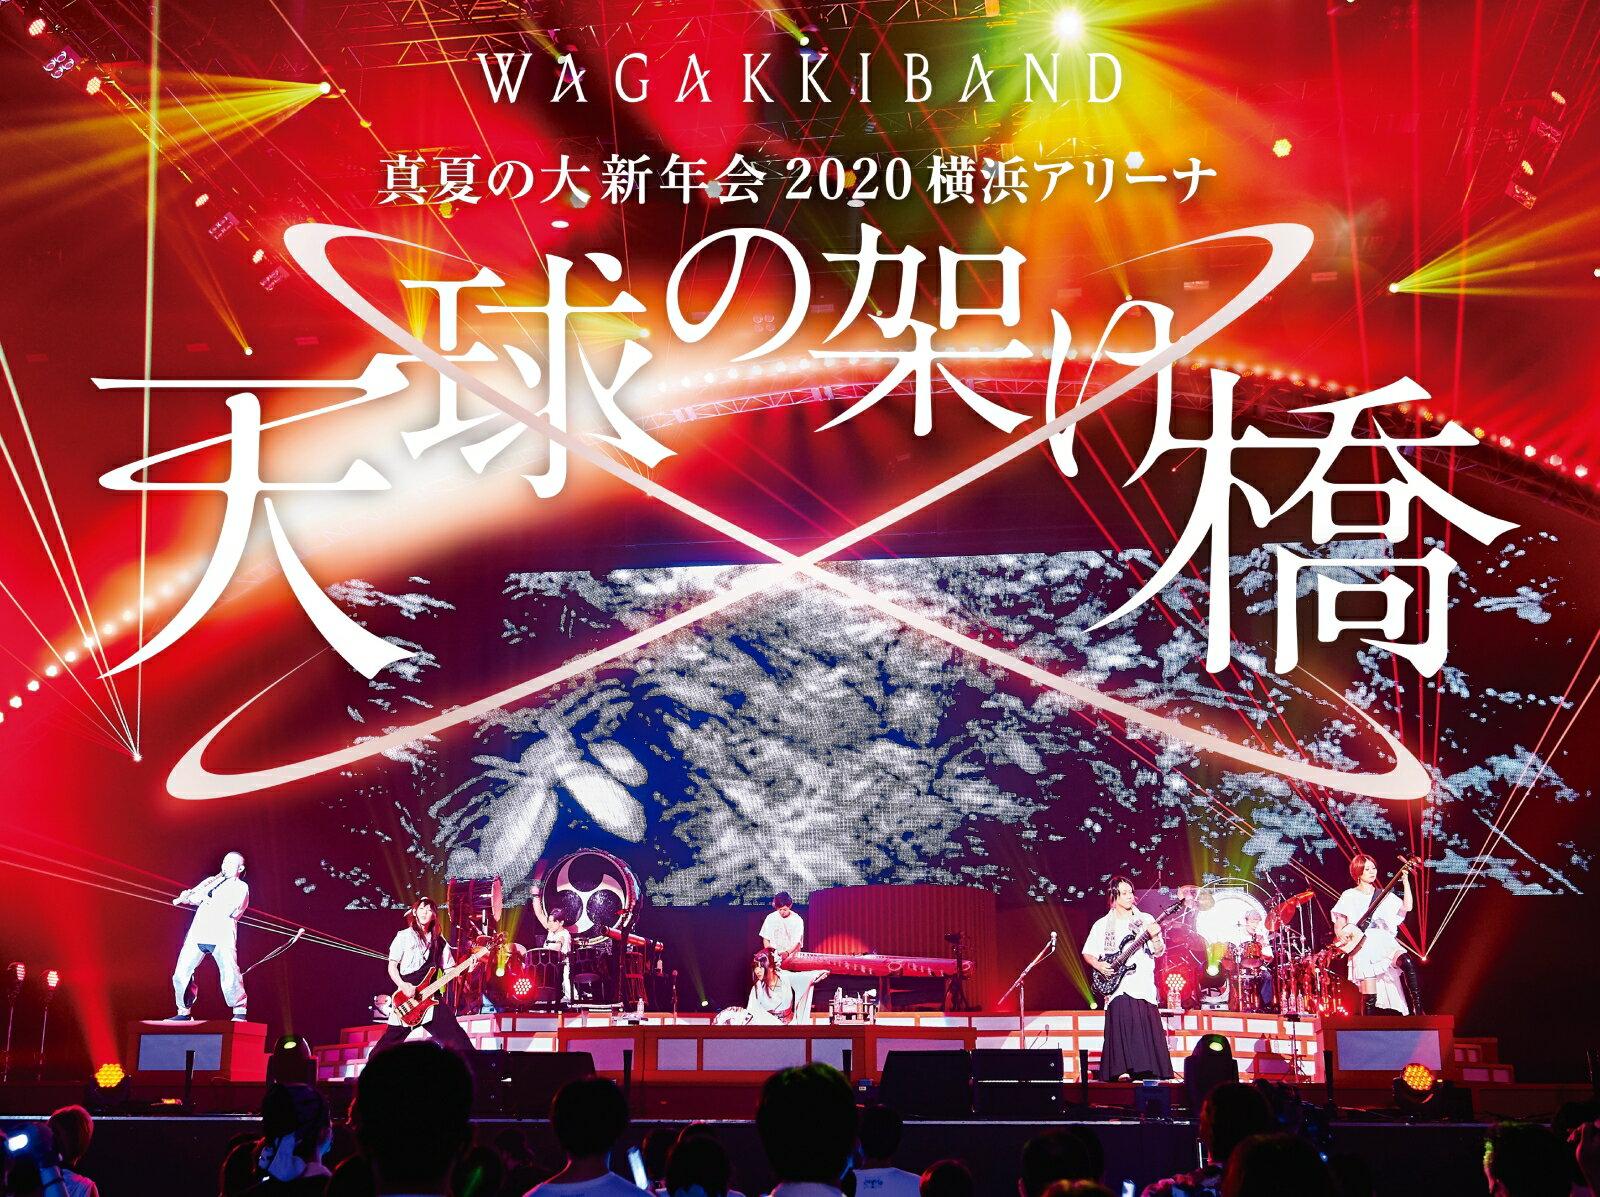 真夏の大新年会 2020 横浜アリーナ 〜天球の架け橋〜(初回限定盤)【Blu-ray】